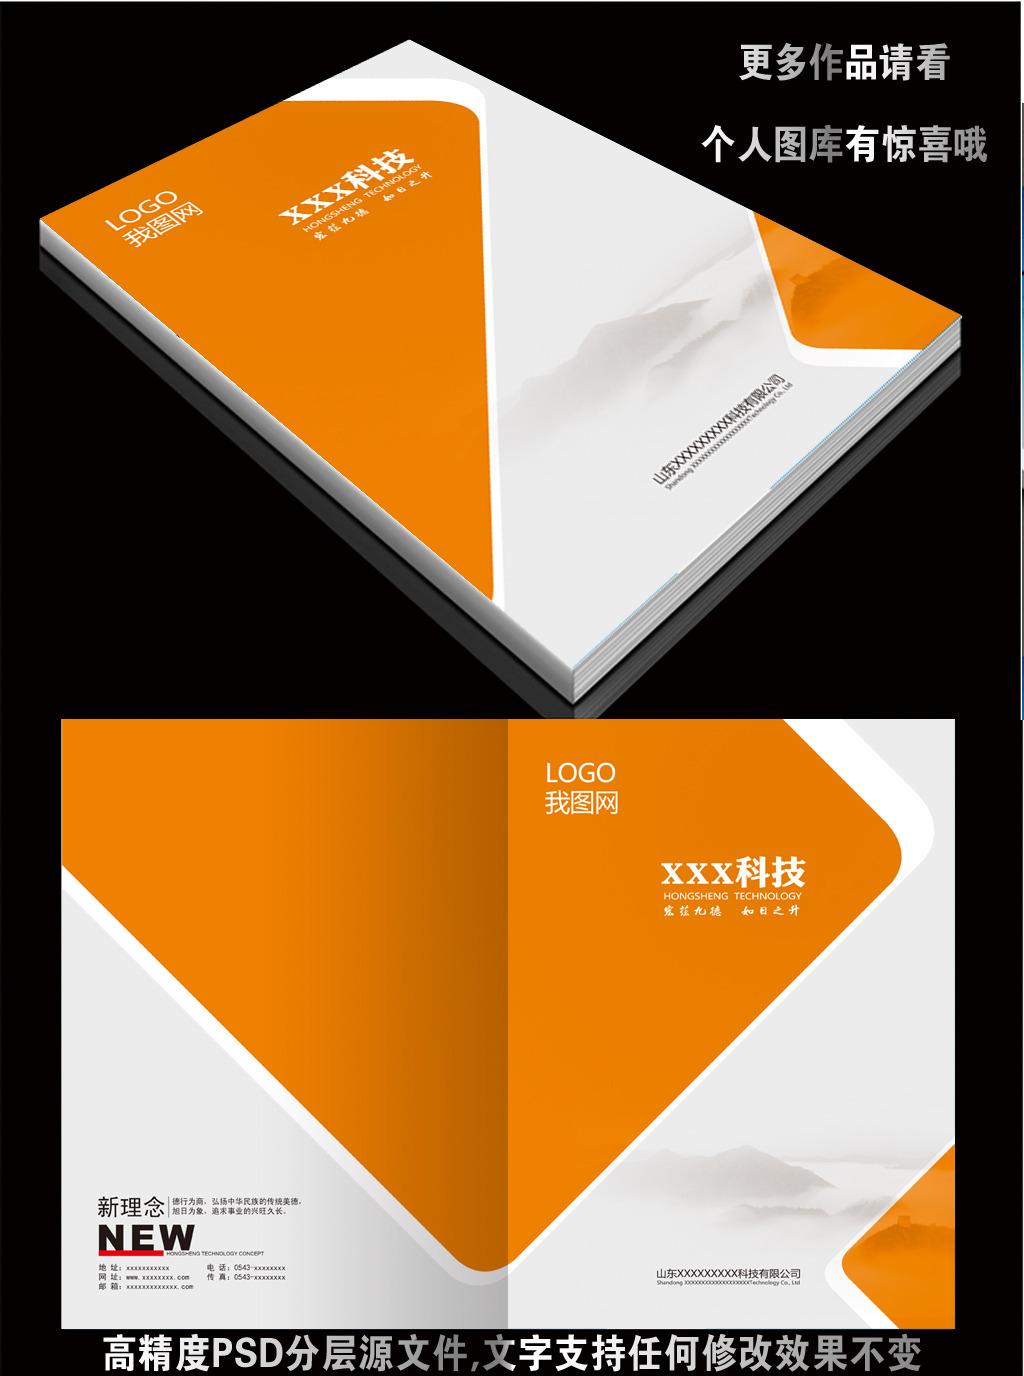 高档企业宣传画册设计模板下载